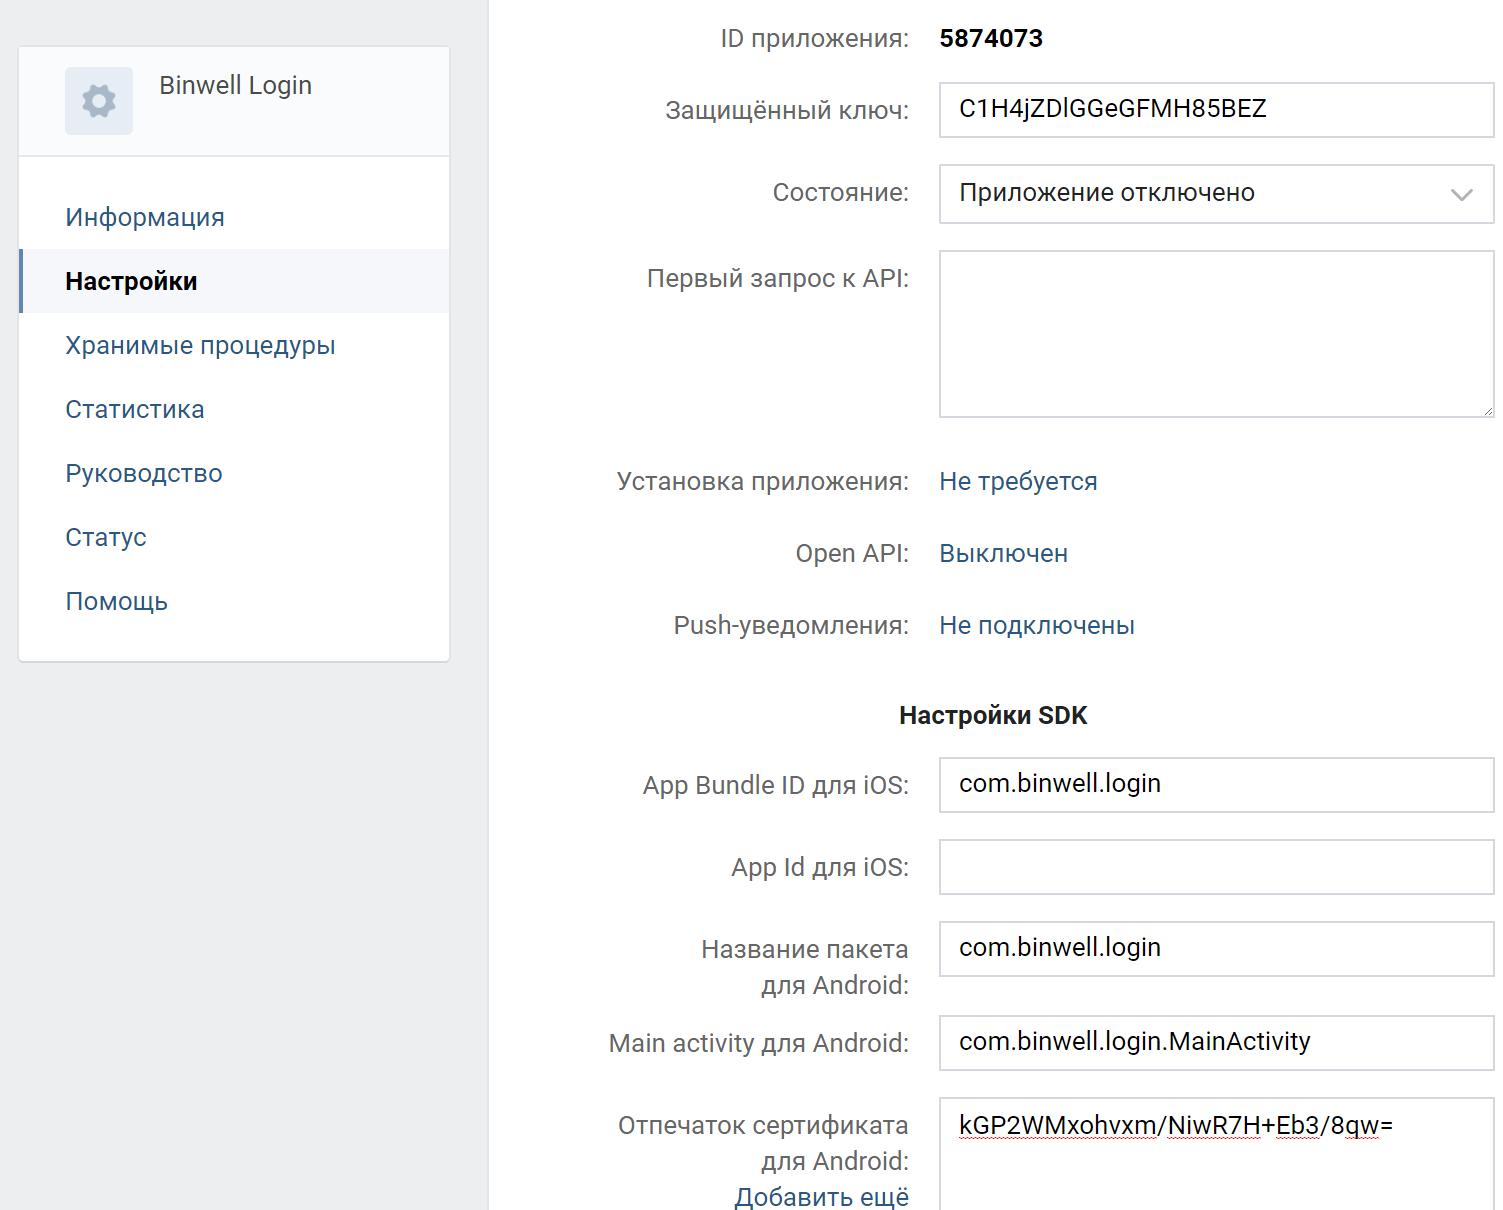 Подключаем ВКонтакте SDK для Xamarin.Forms - 3